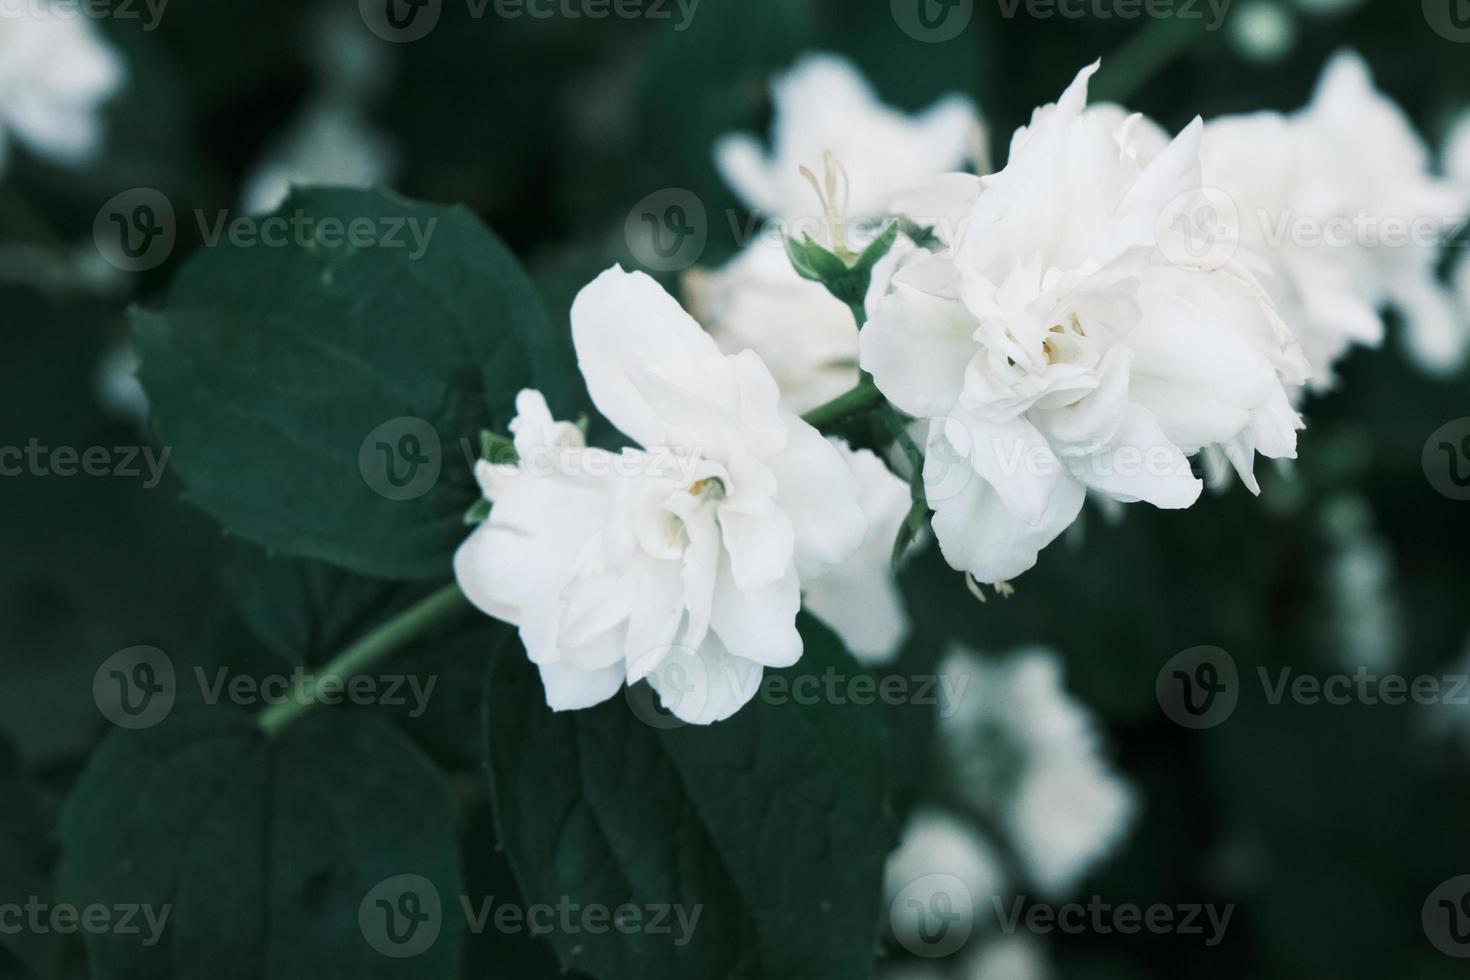 desabrochando flores de jasmim brancas no mato com folhas verdes foto